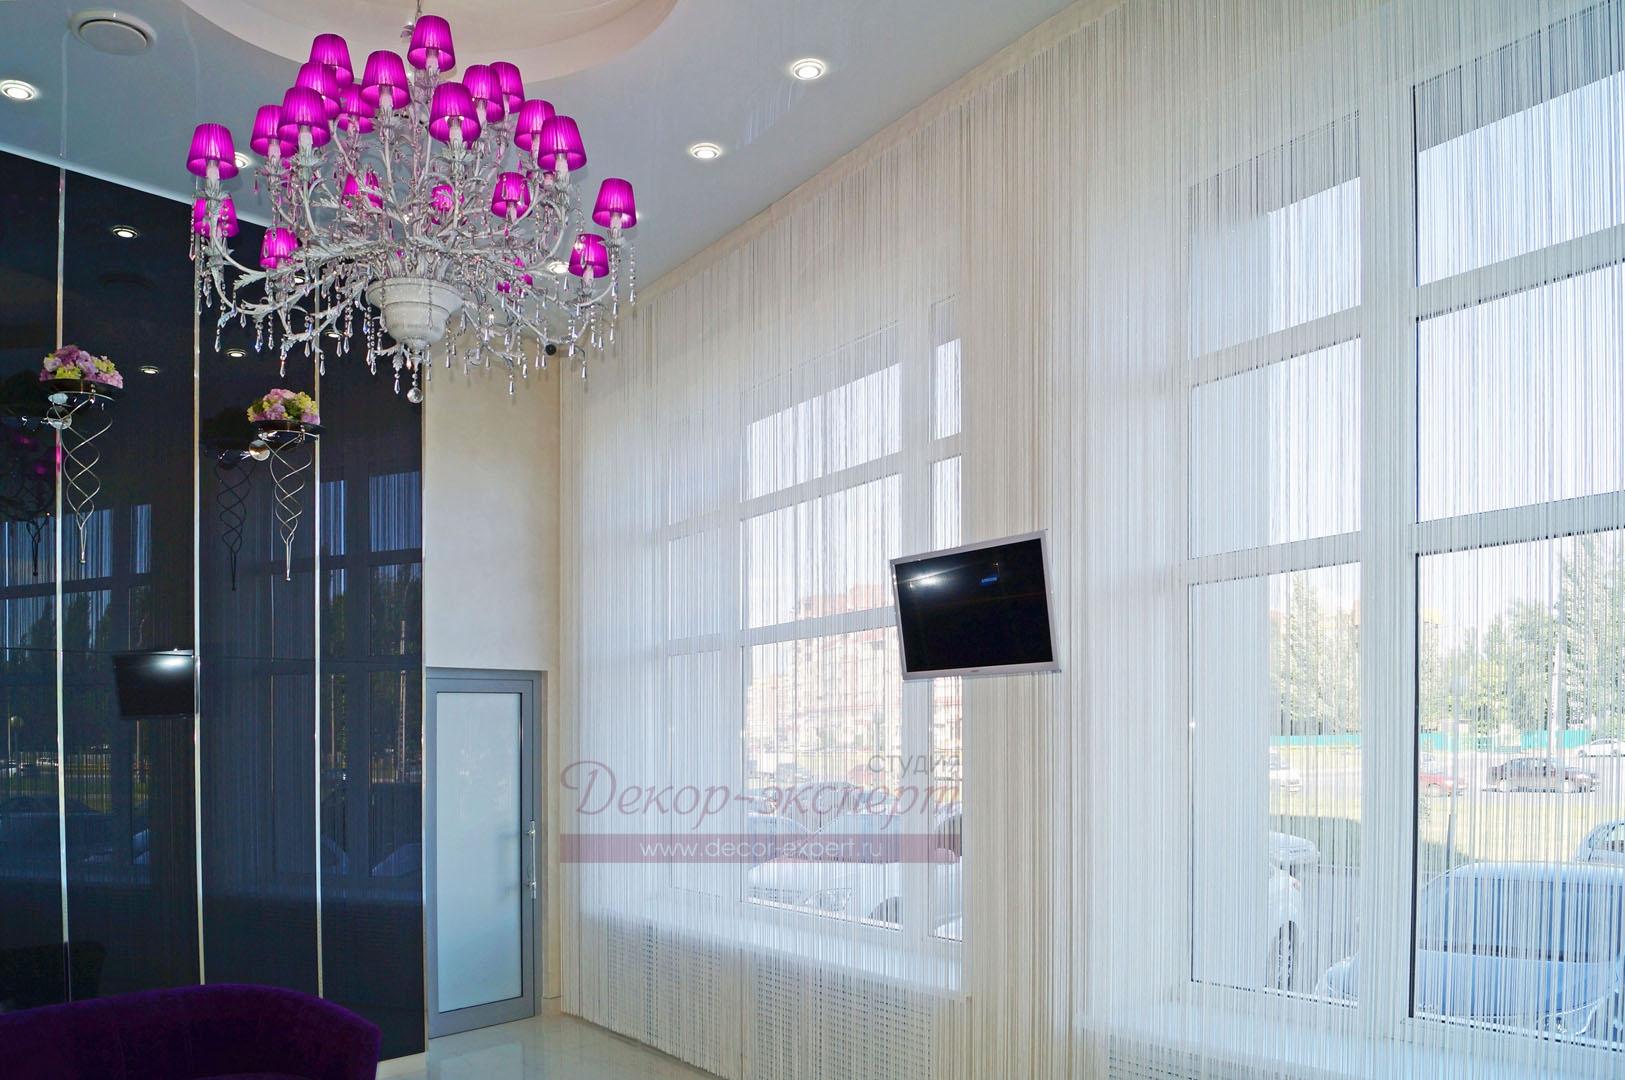 Фрагмент интерьера салона красоты